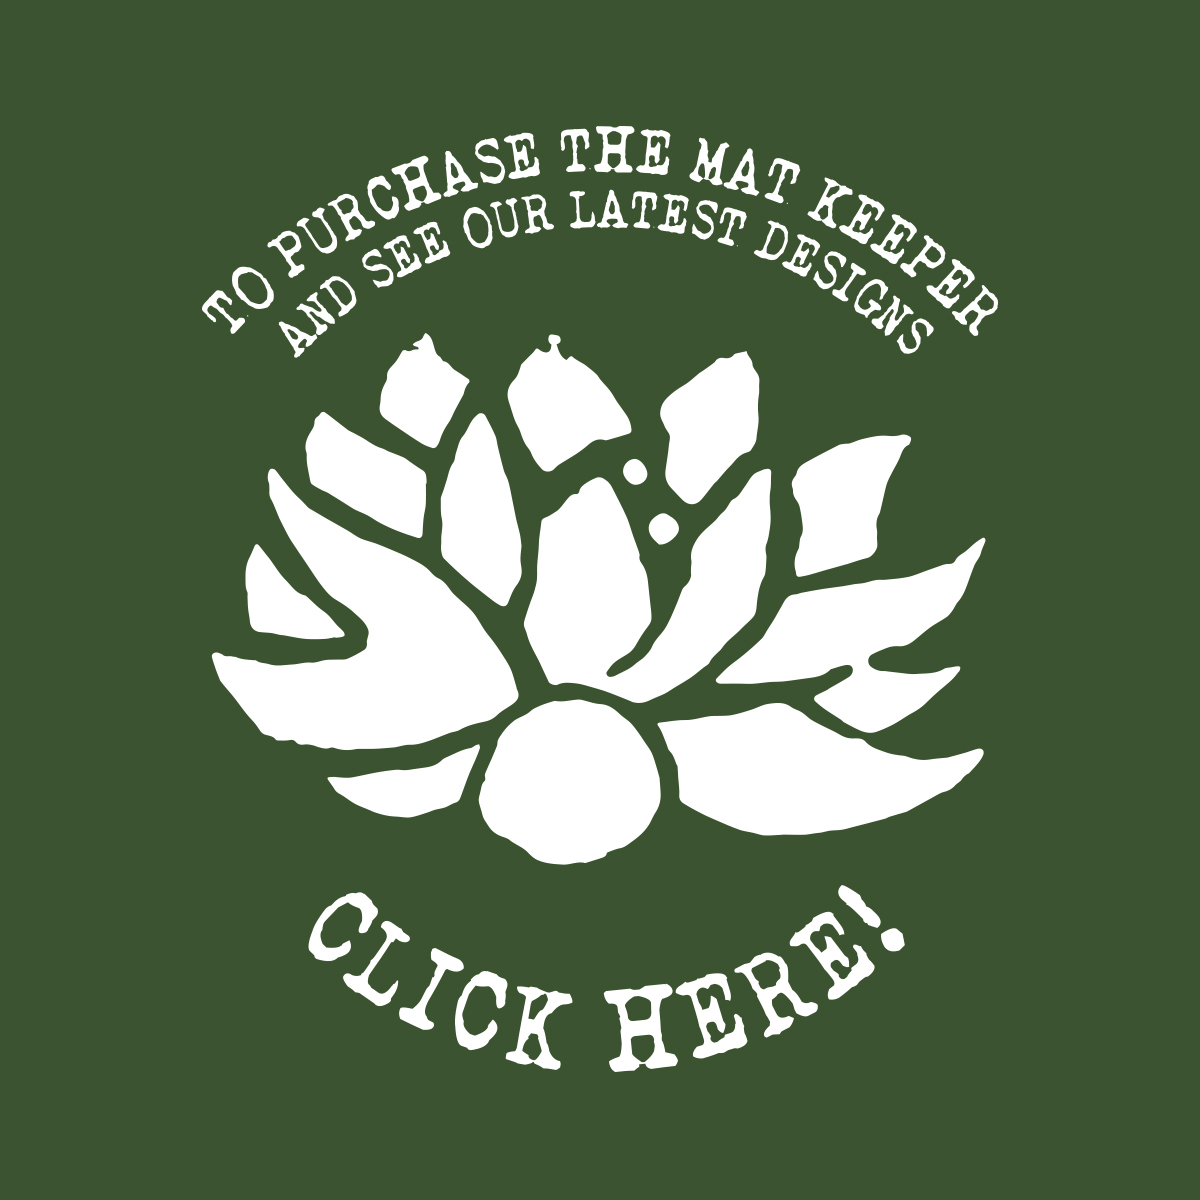 ClickableDark.jpg